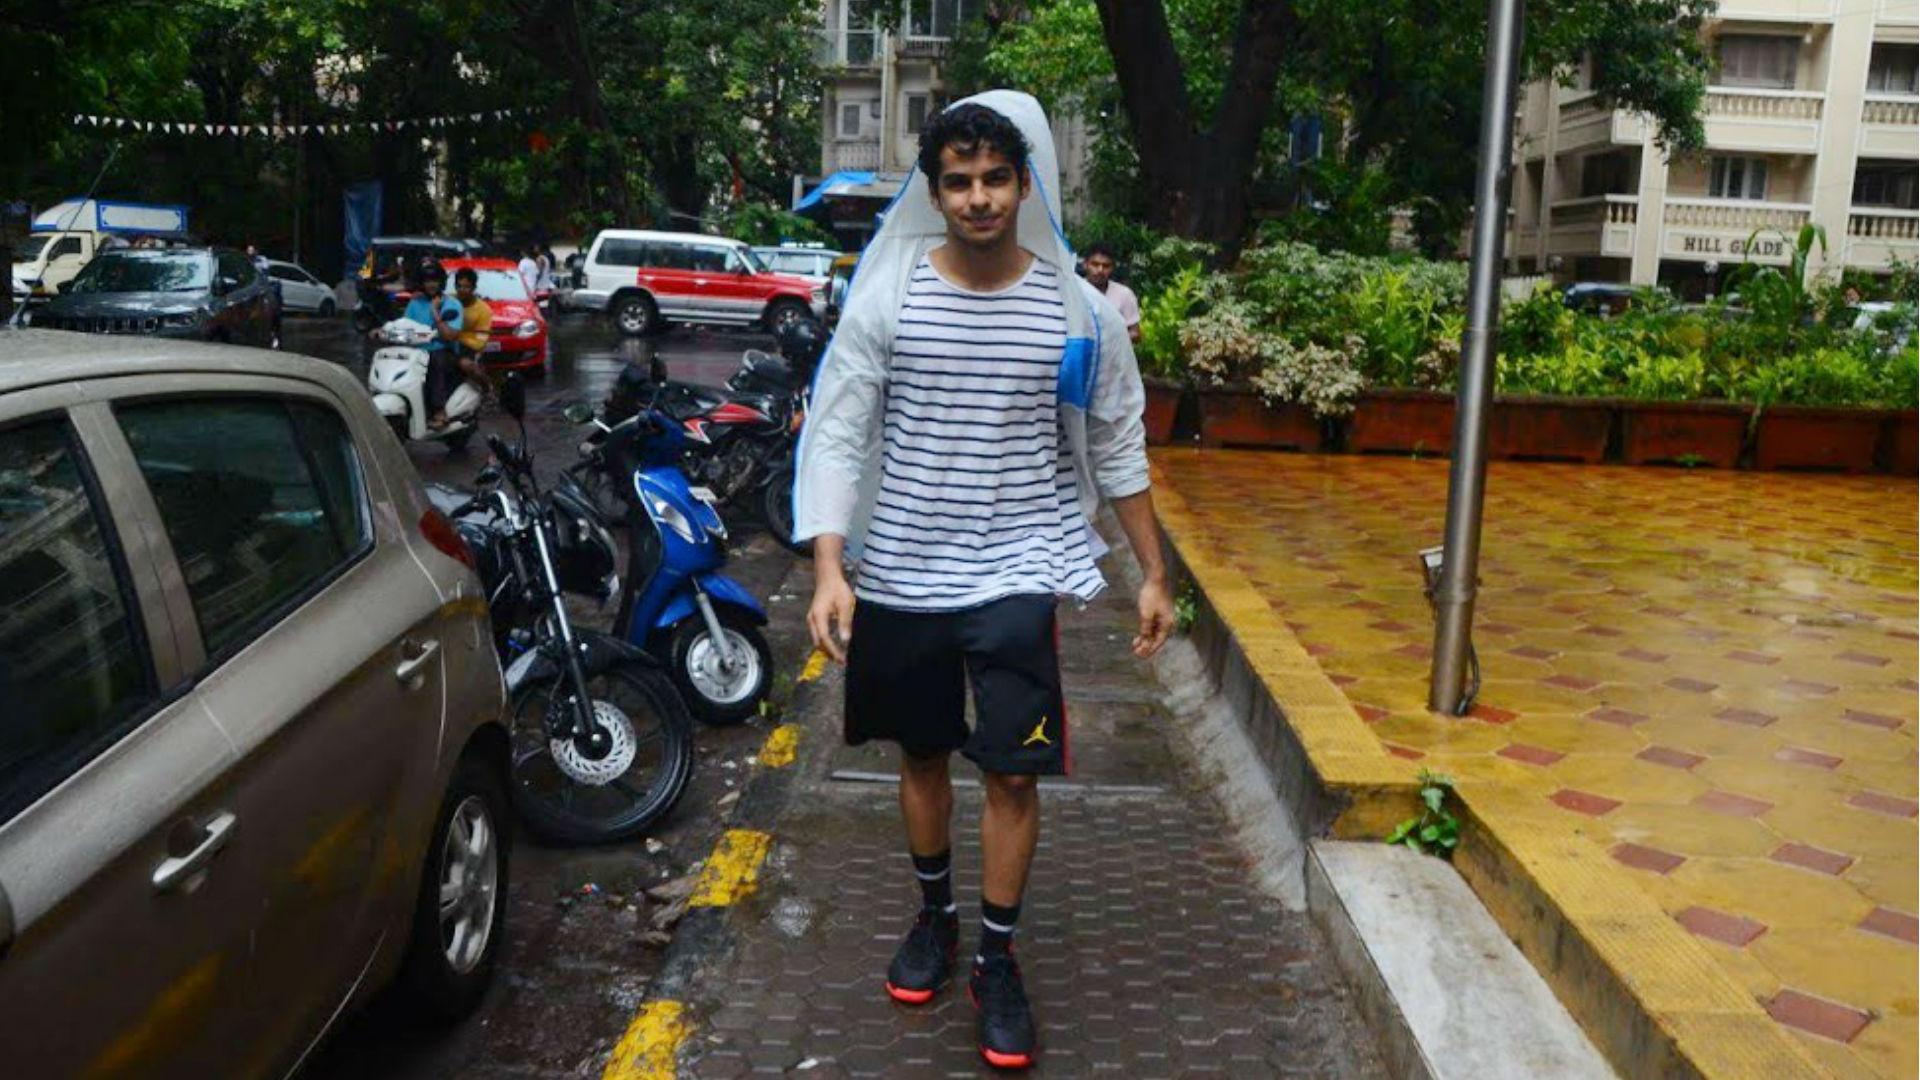 ईशान खट्टर को नो पार्किंग जोन में बाइक खड़ी करना पड़ा महंगा, ट्रैफिक पुलिस ने वसूला इतने रुपए का जुर्माना